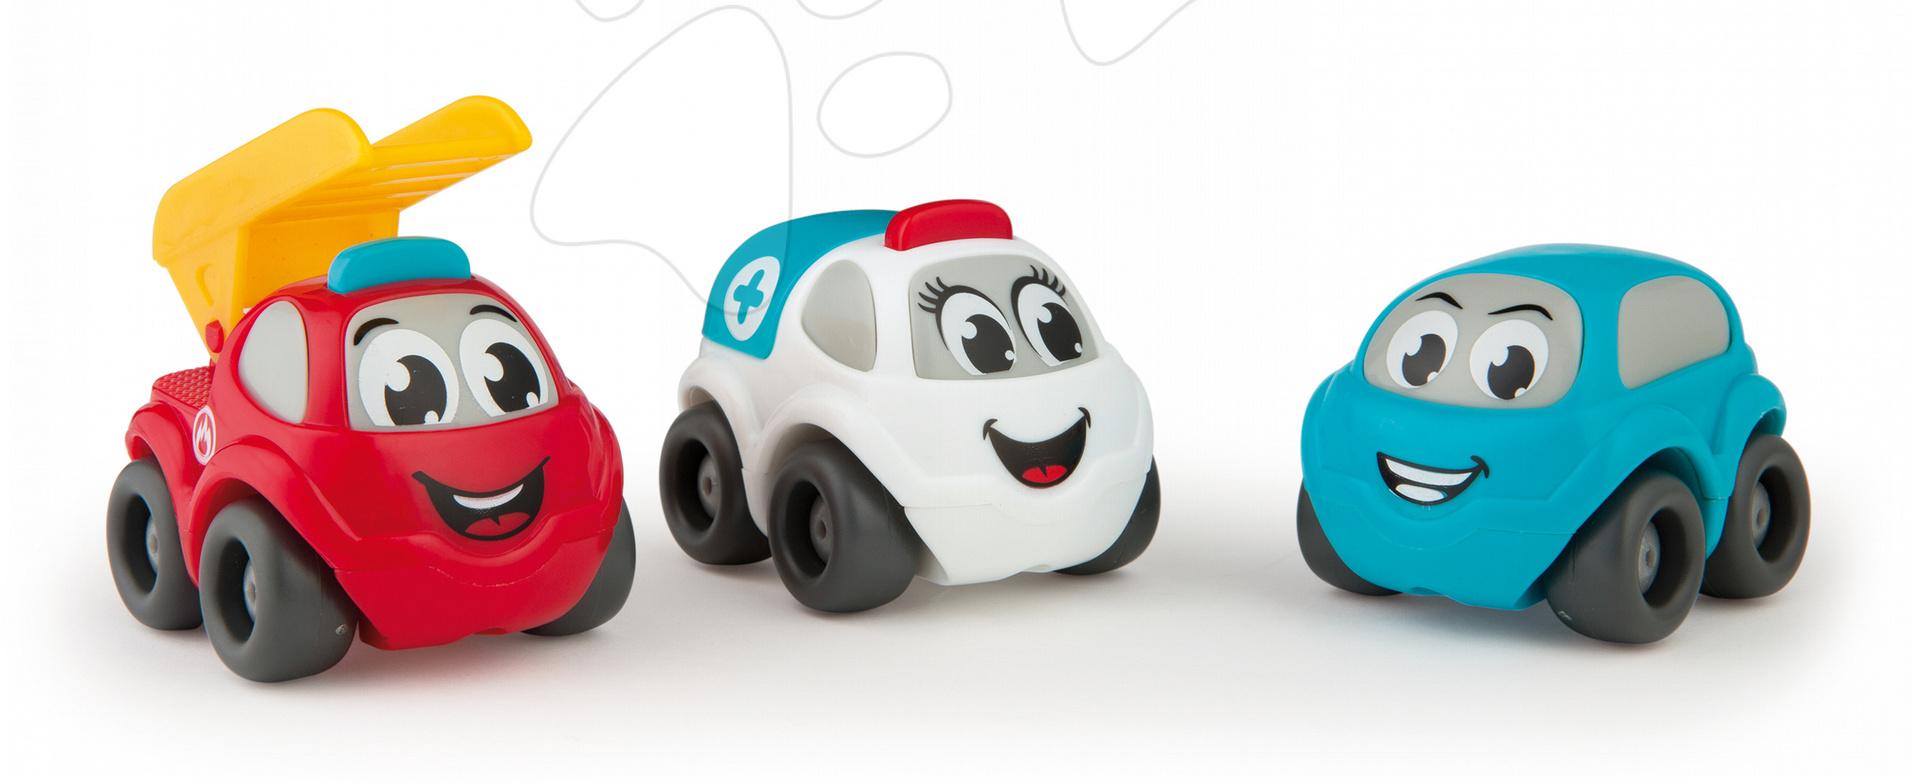 Záchranářské autíčka pro děti Vroom Planet Smoby 3 ks délka 7 cm od 12 měsíců